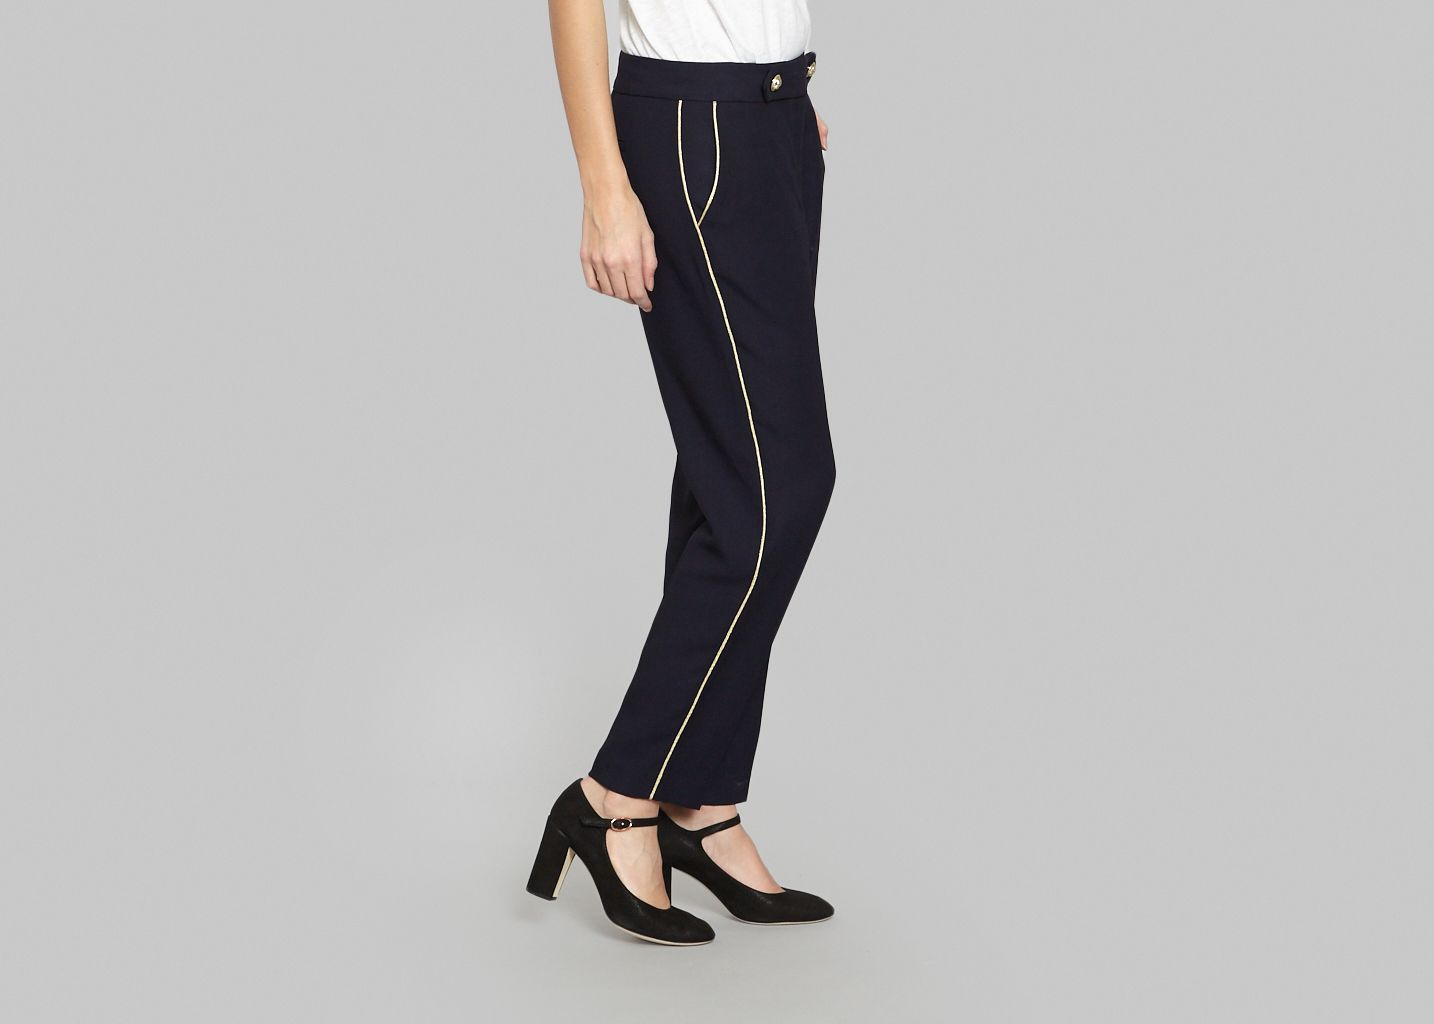 Pantalon Tara - Tara Jarmon